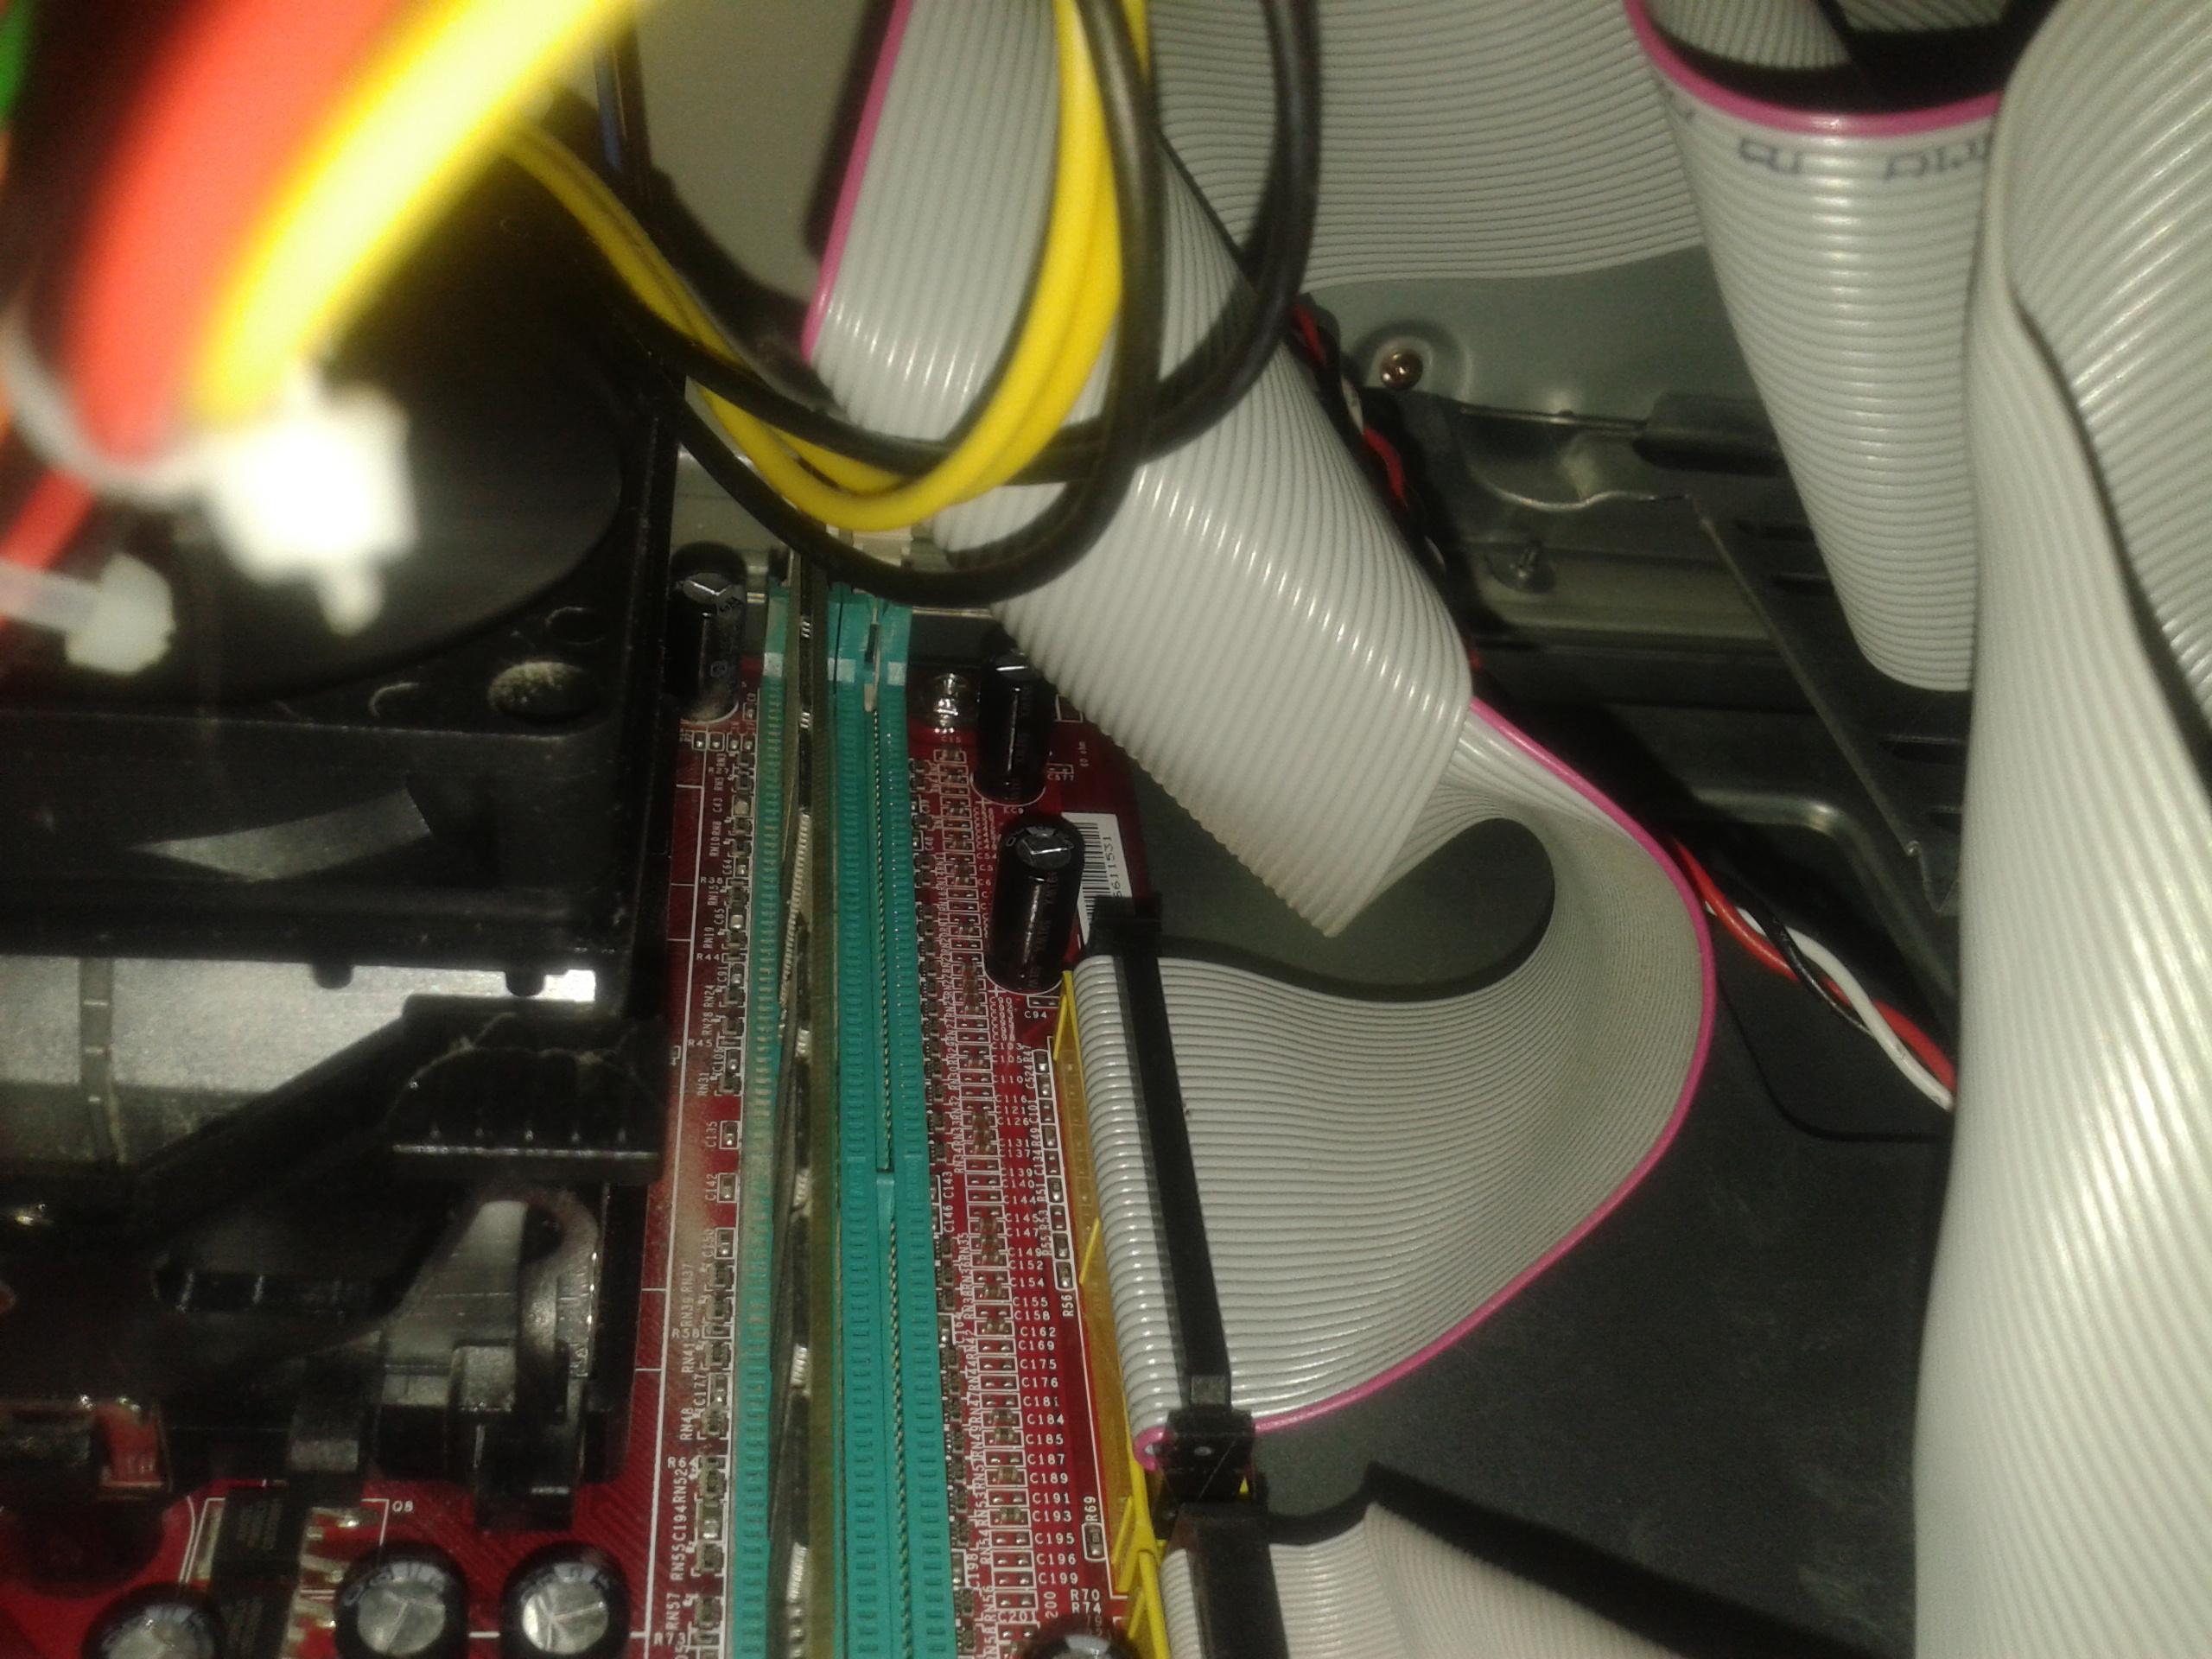 Opravy notebooků, monitorů, tiskáren